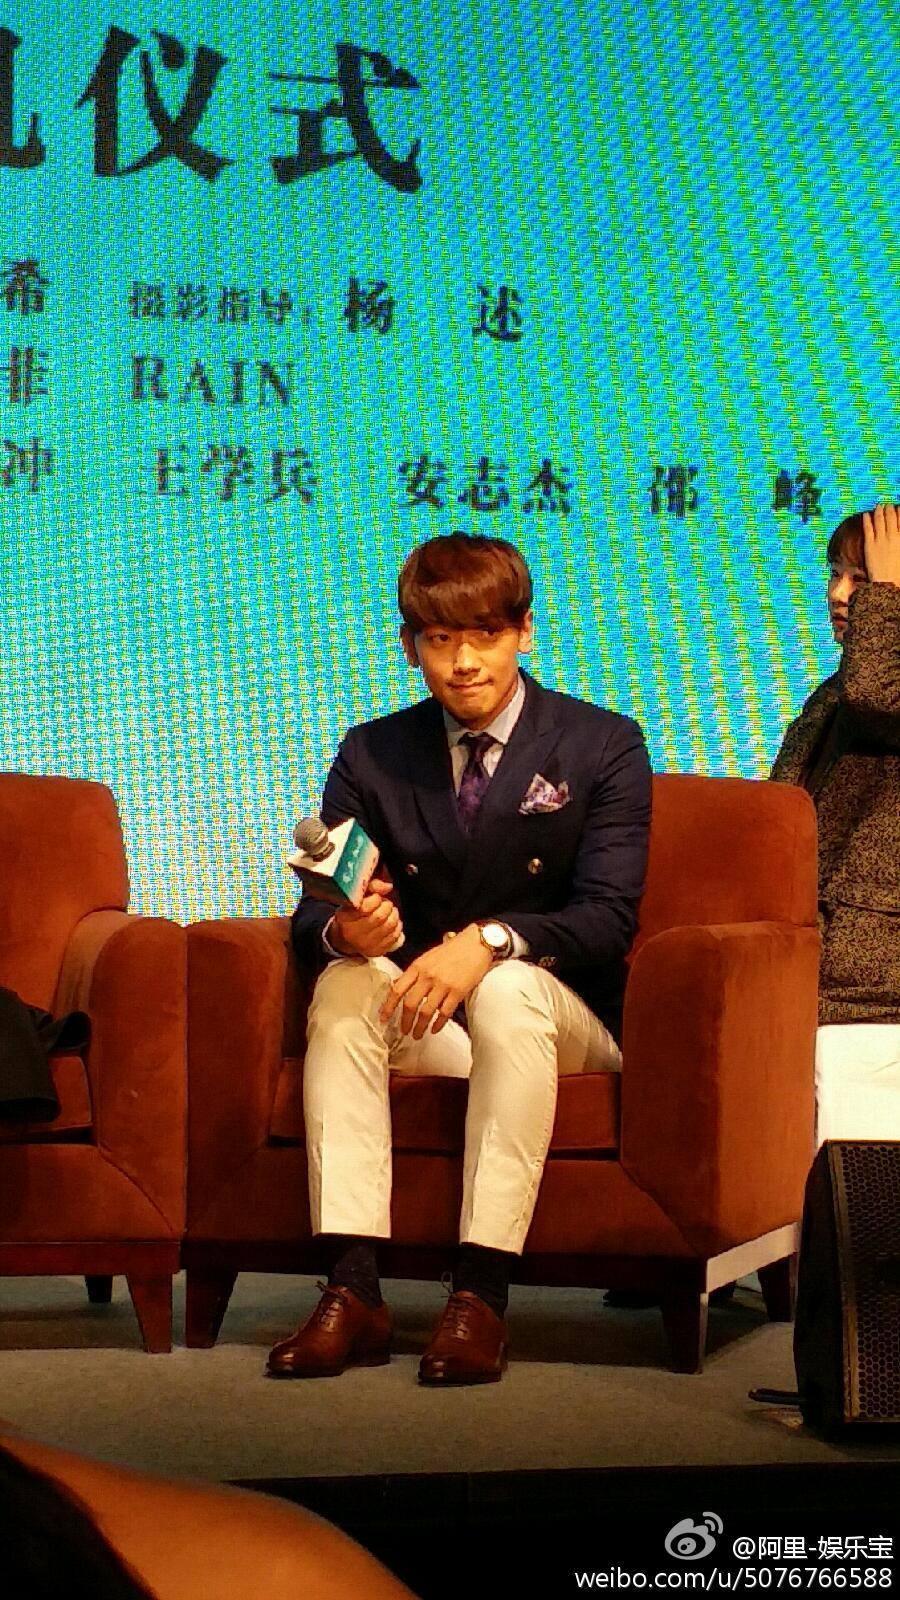 Rain 中国で「露水红颜」映画の記者会見_c0047605_18154172.jpg